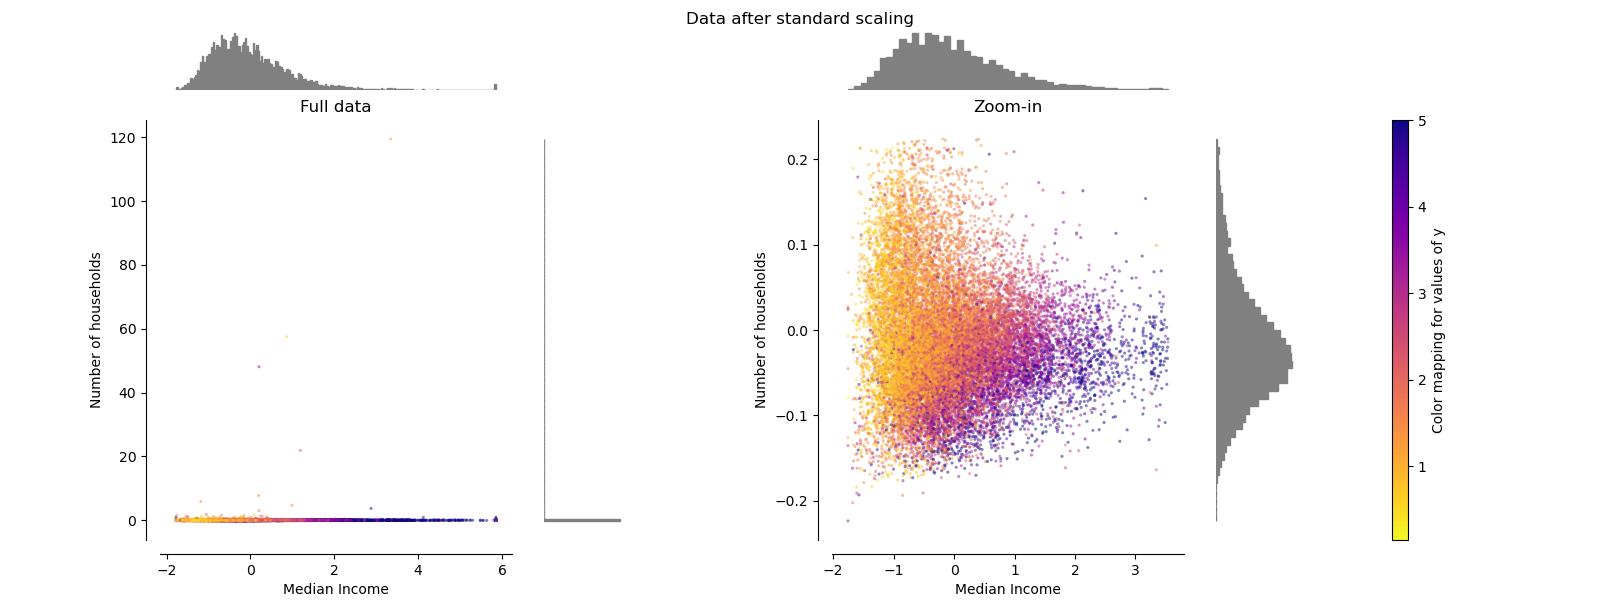 将不同缩放器对数据的影响与离群值进行比较